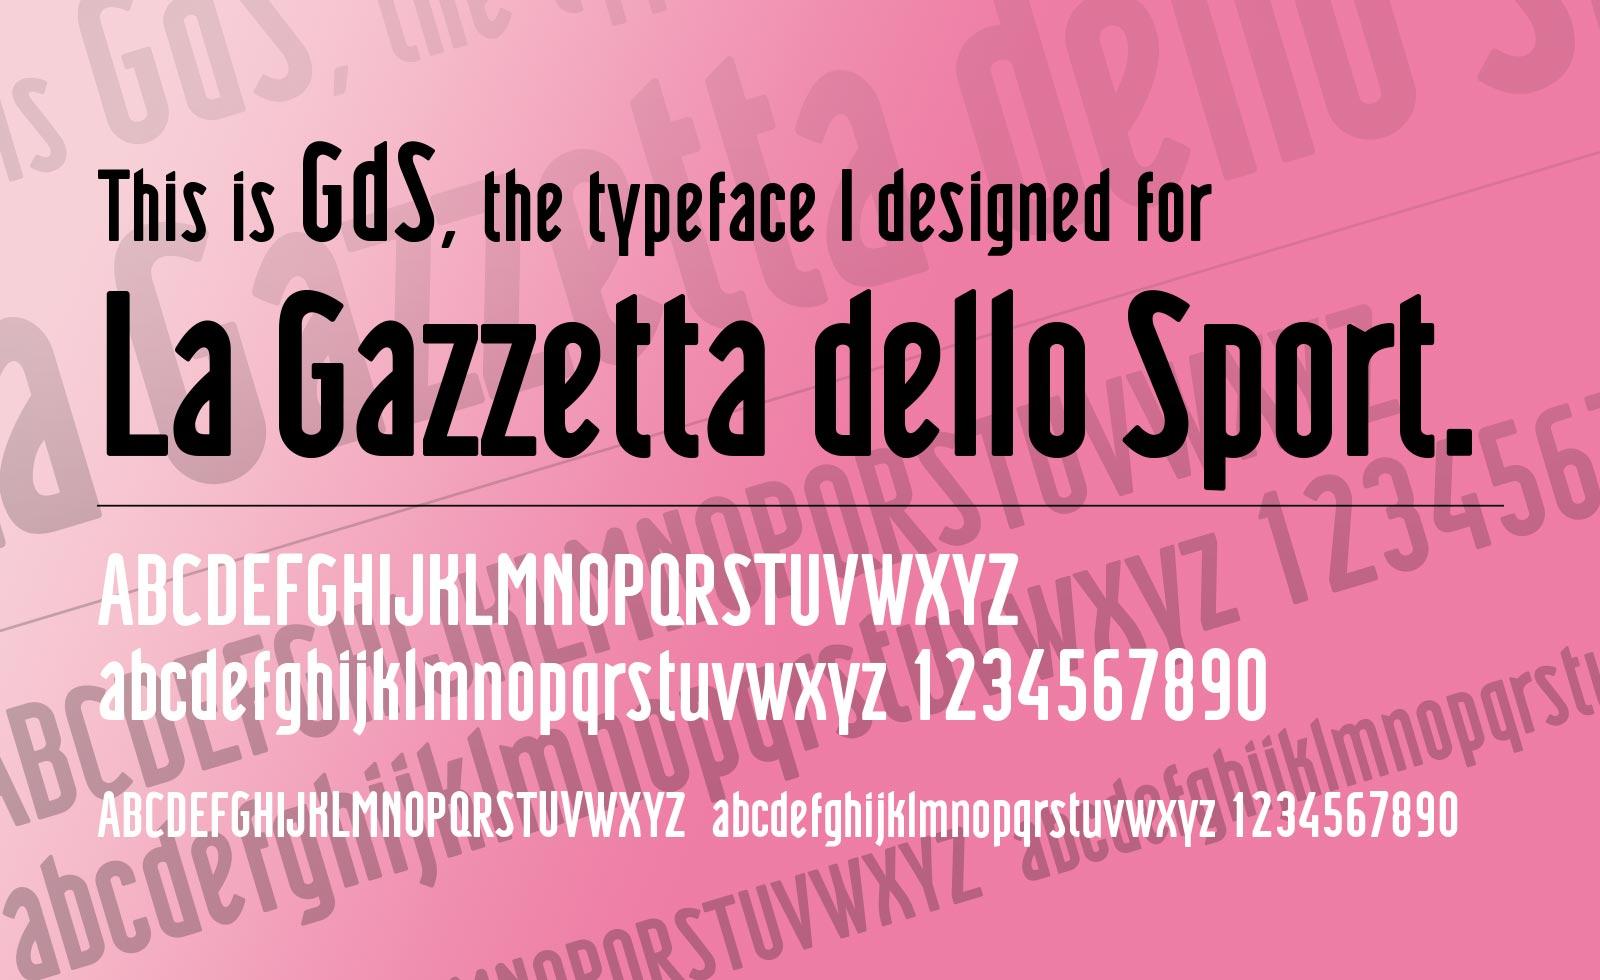 gazzetta dello sport brand typeface font design